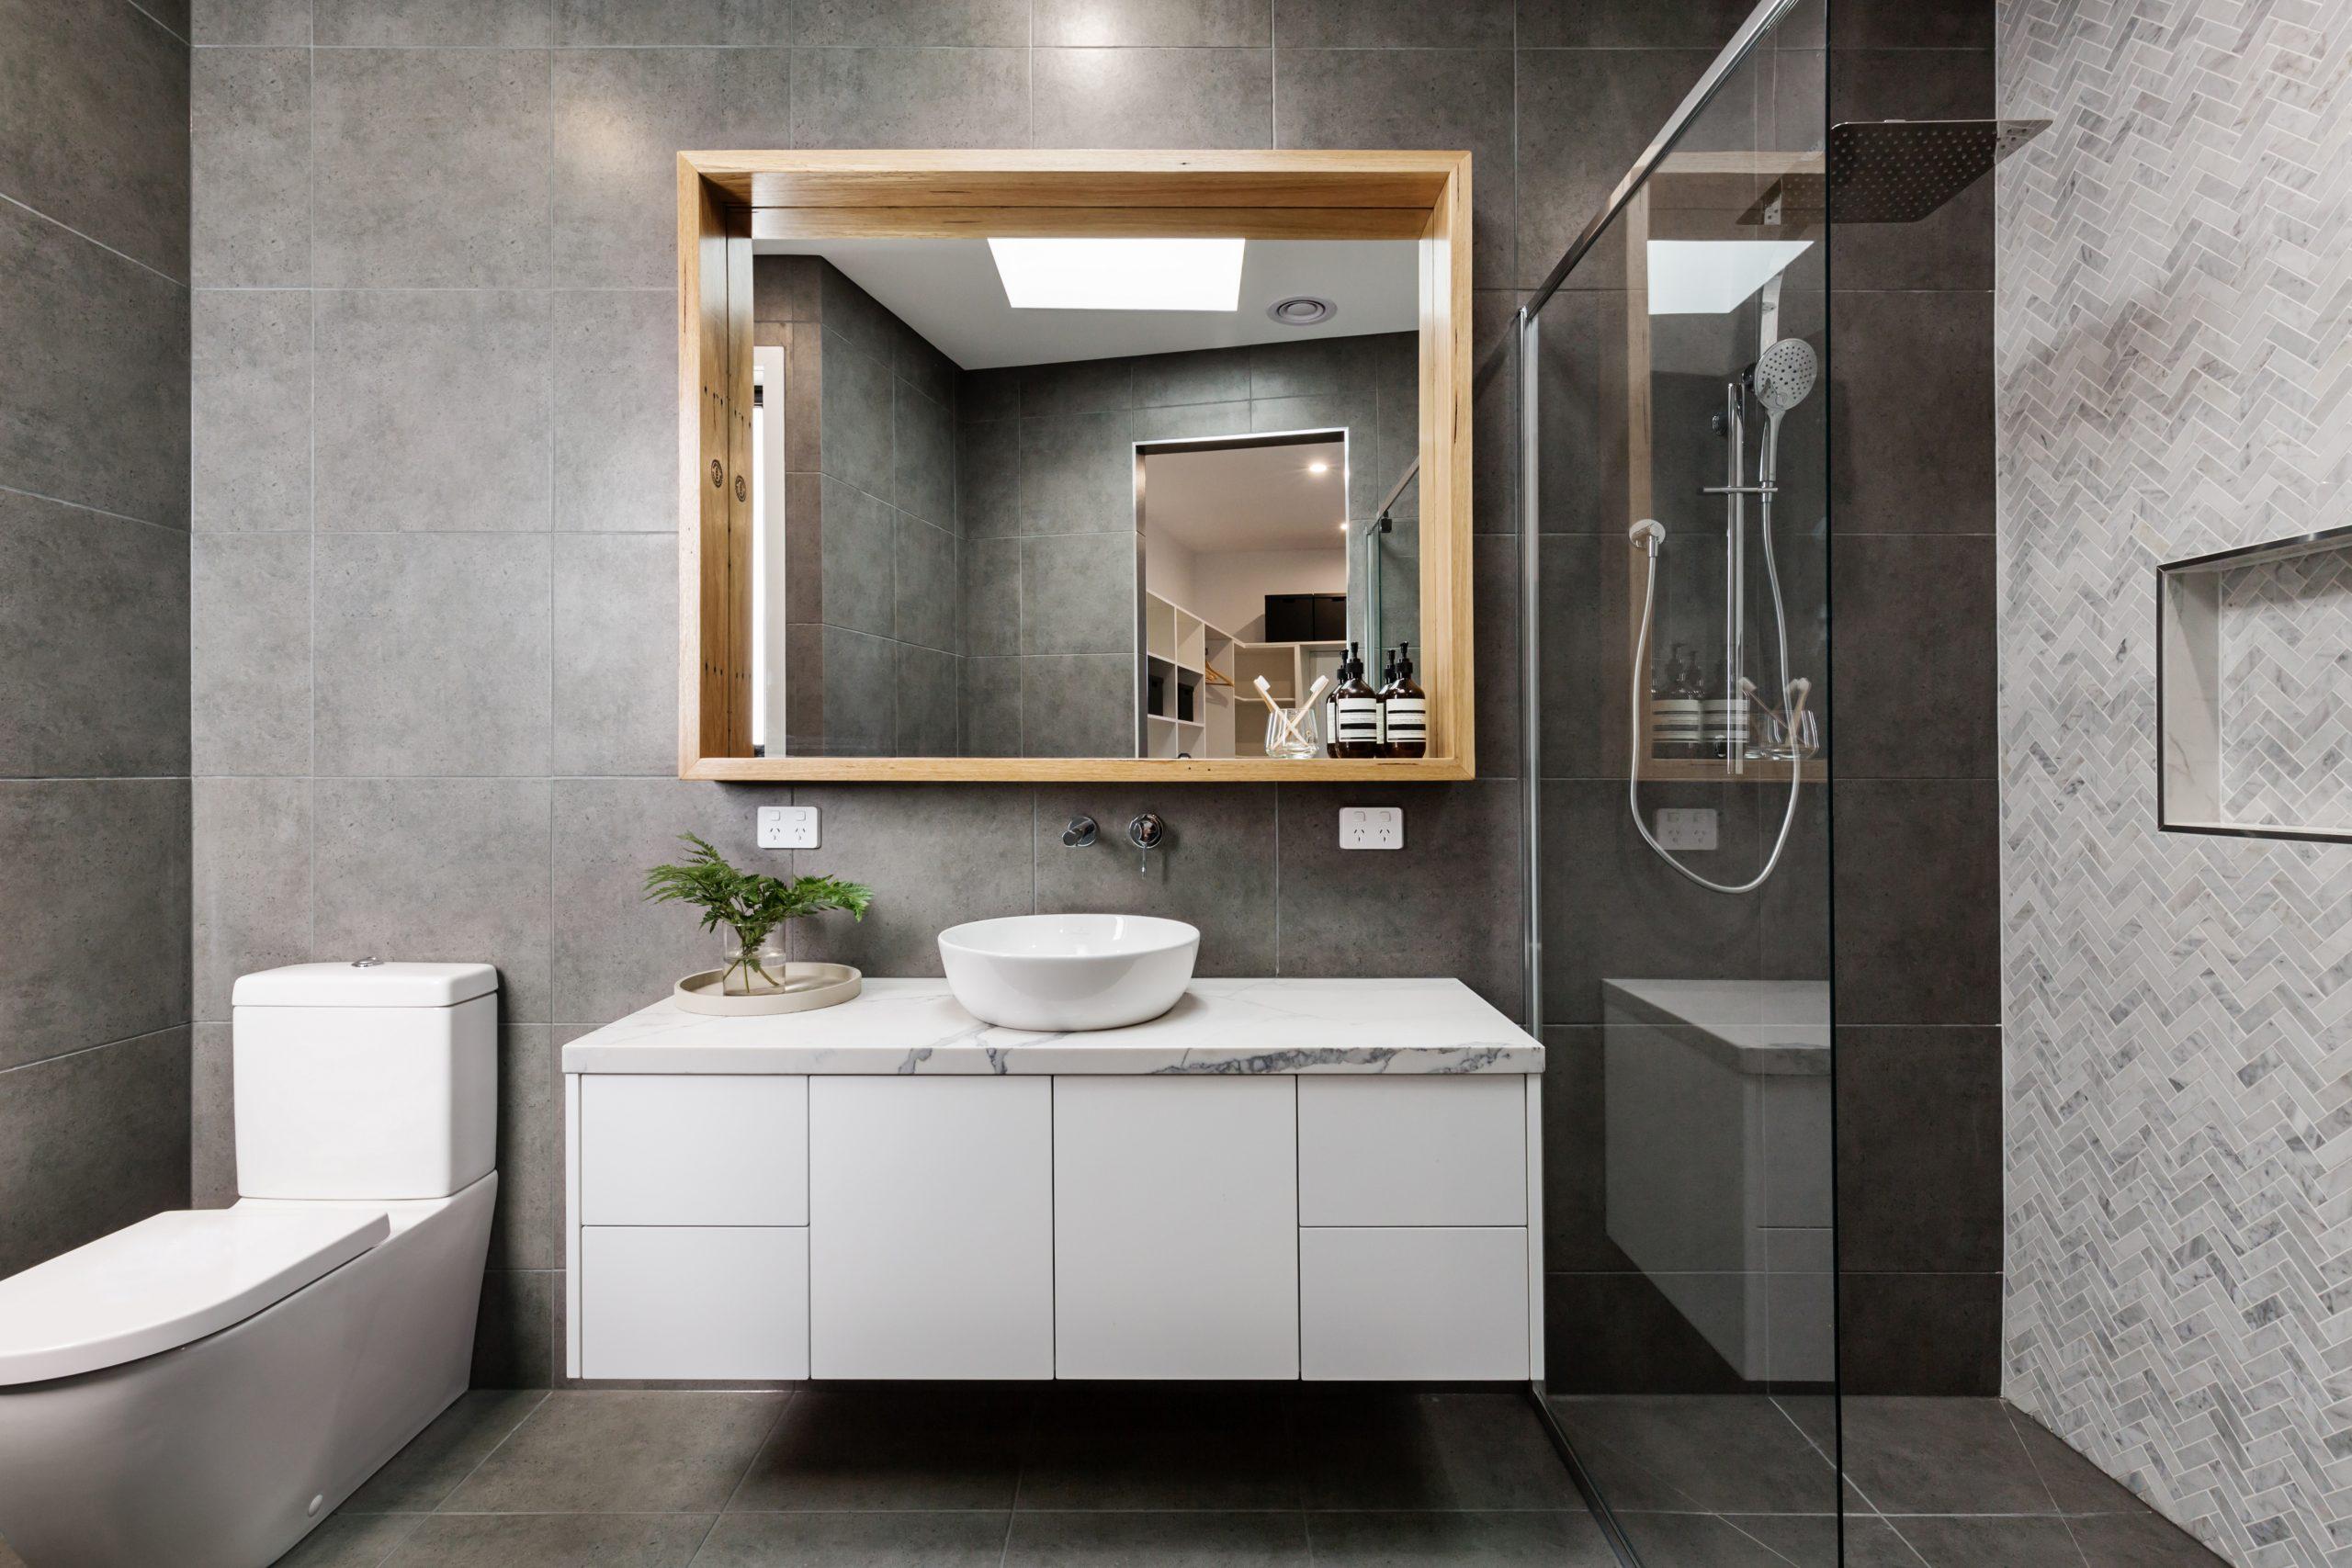 Bathroom Remodeling in Los Angeles, CA